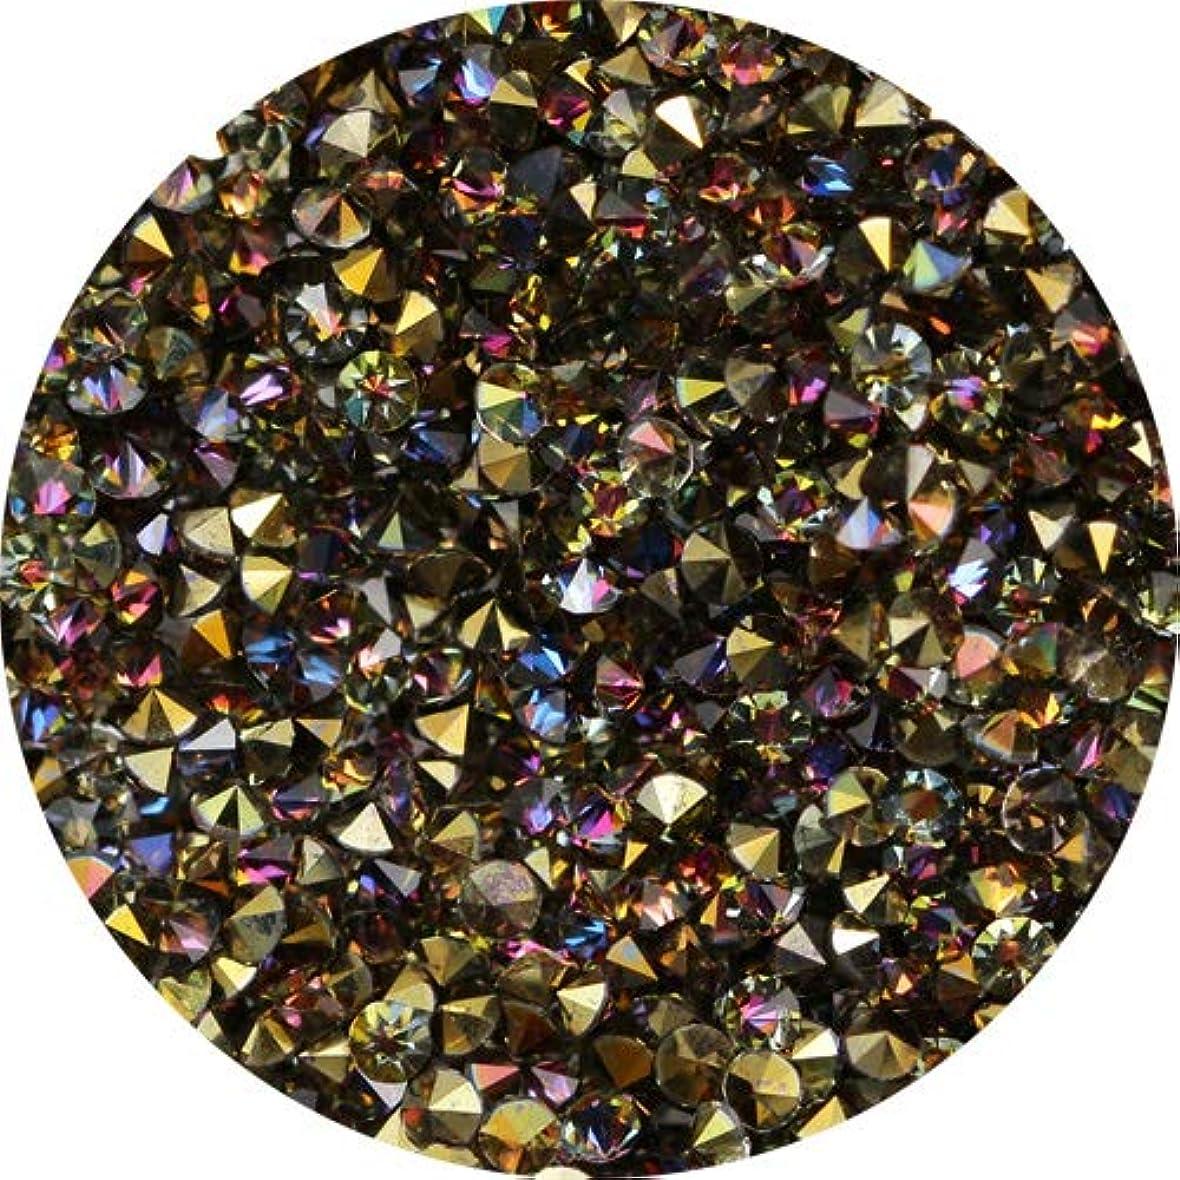 コンソールバックグラウンド鉱夫MATIERE(マティエール) MATIERE クリスタルグレイン アラビアンゴールド 1440P 1440粒